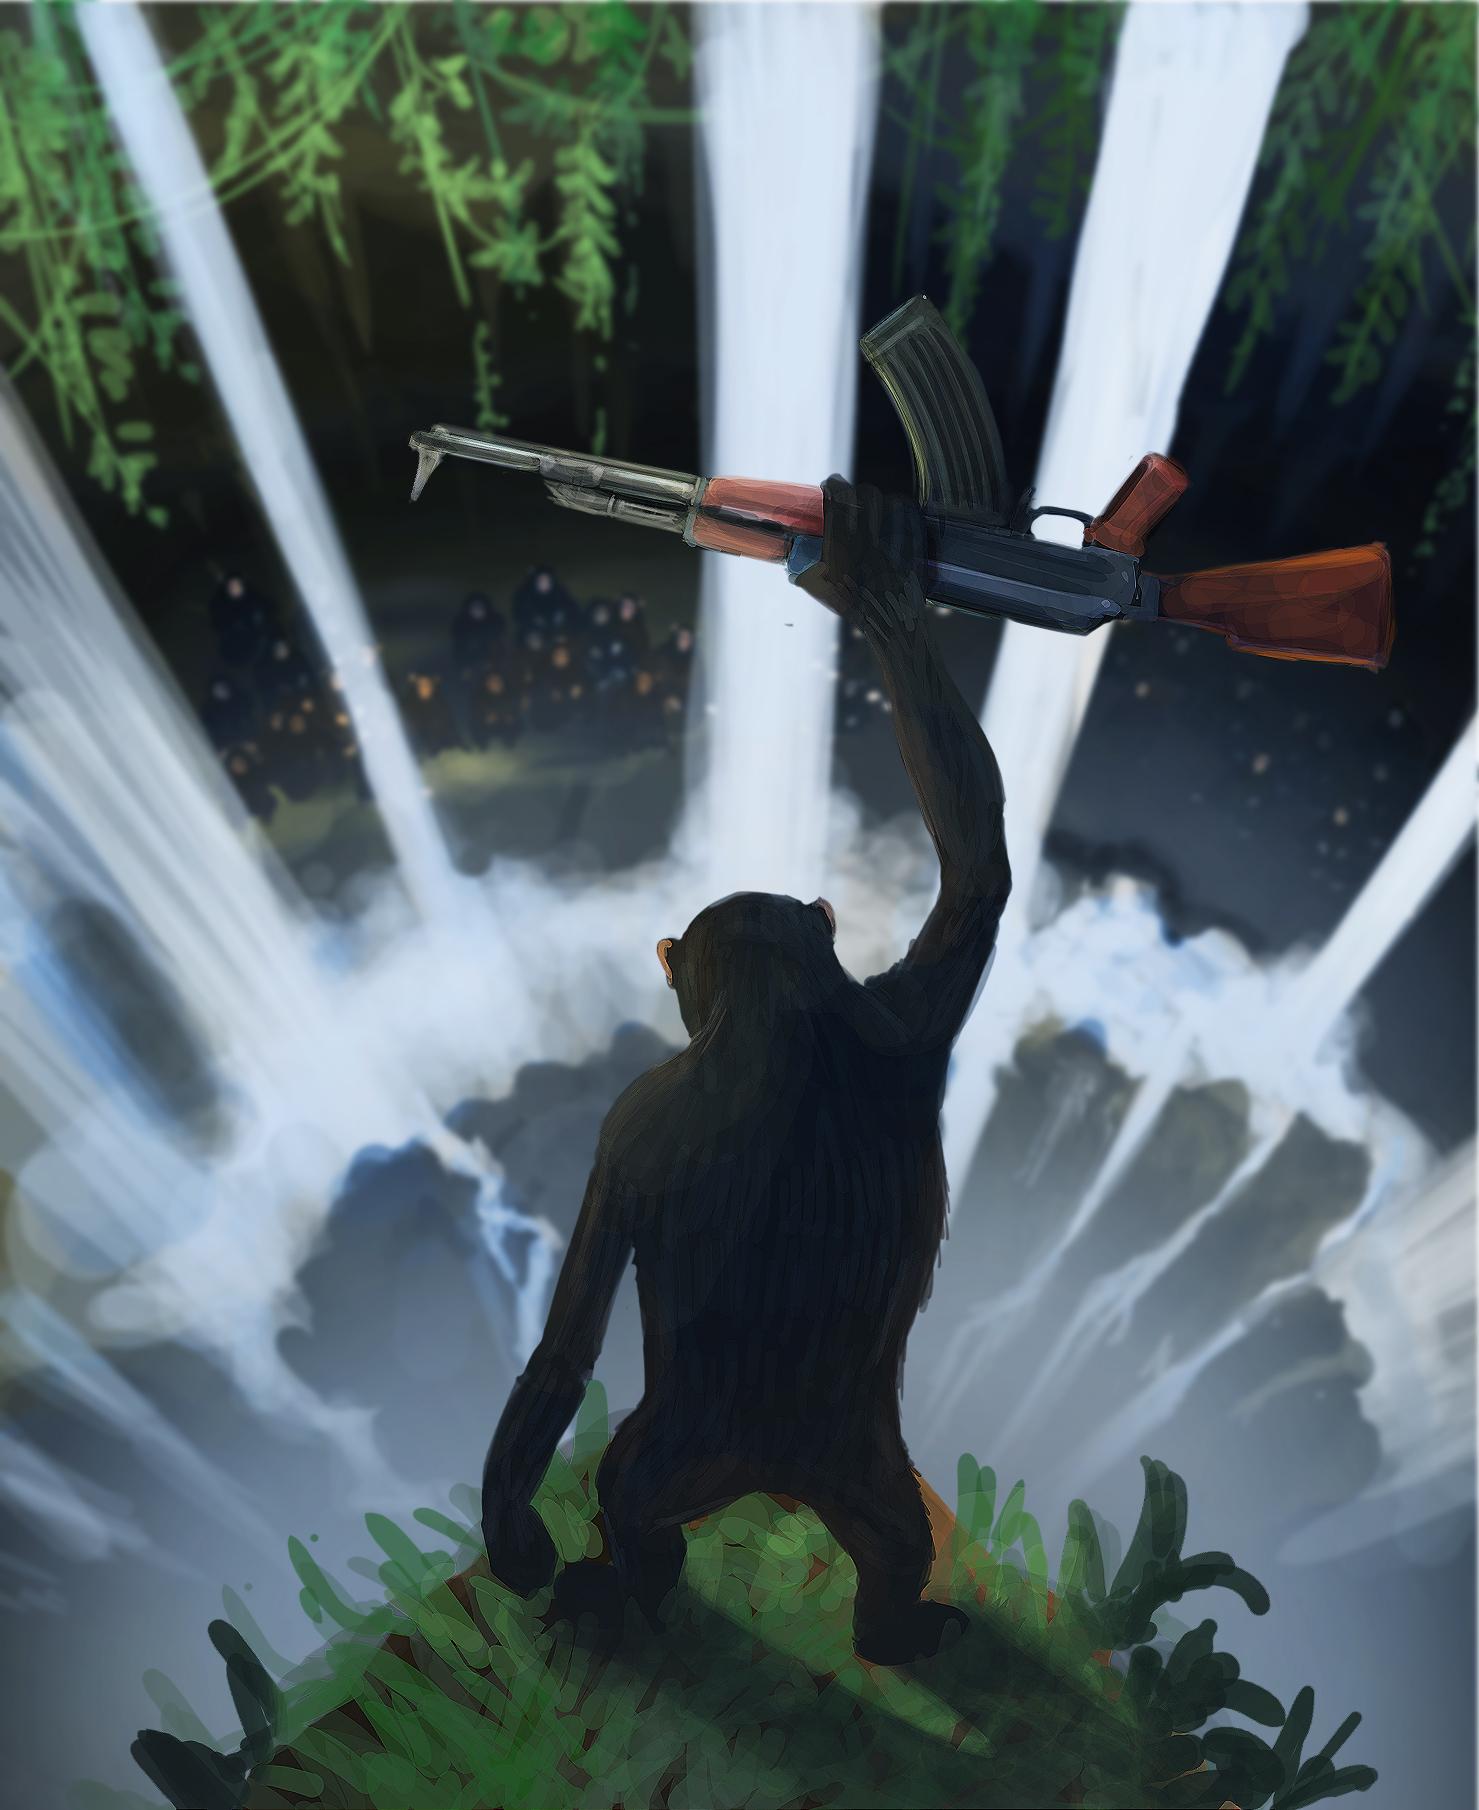 Король обезьян1.jpg